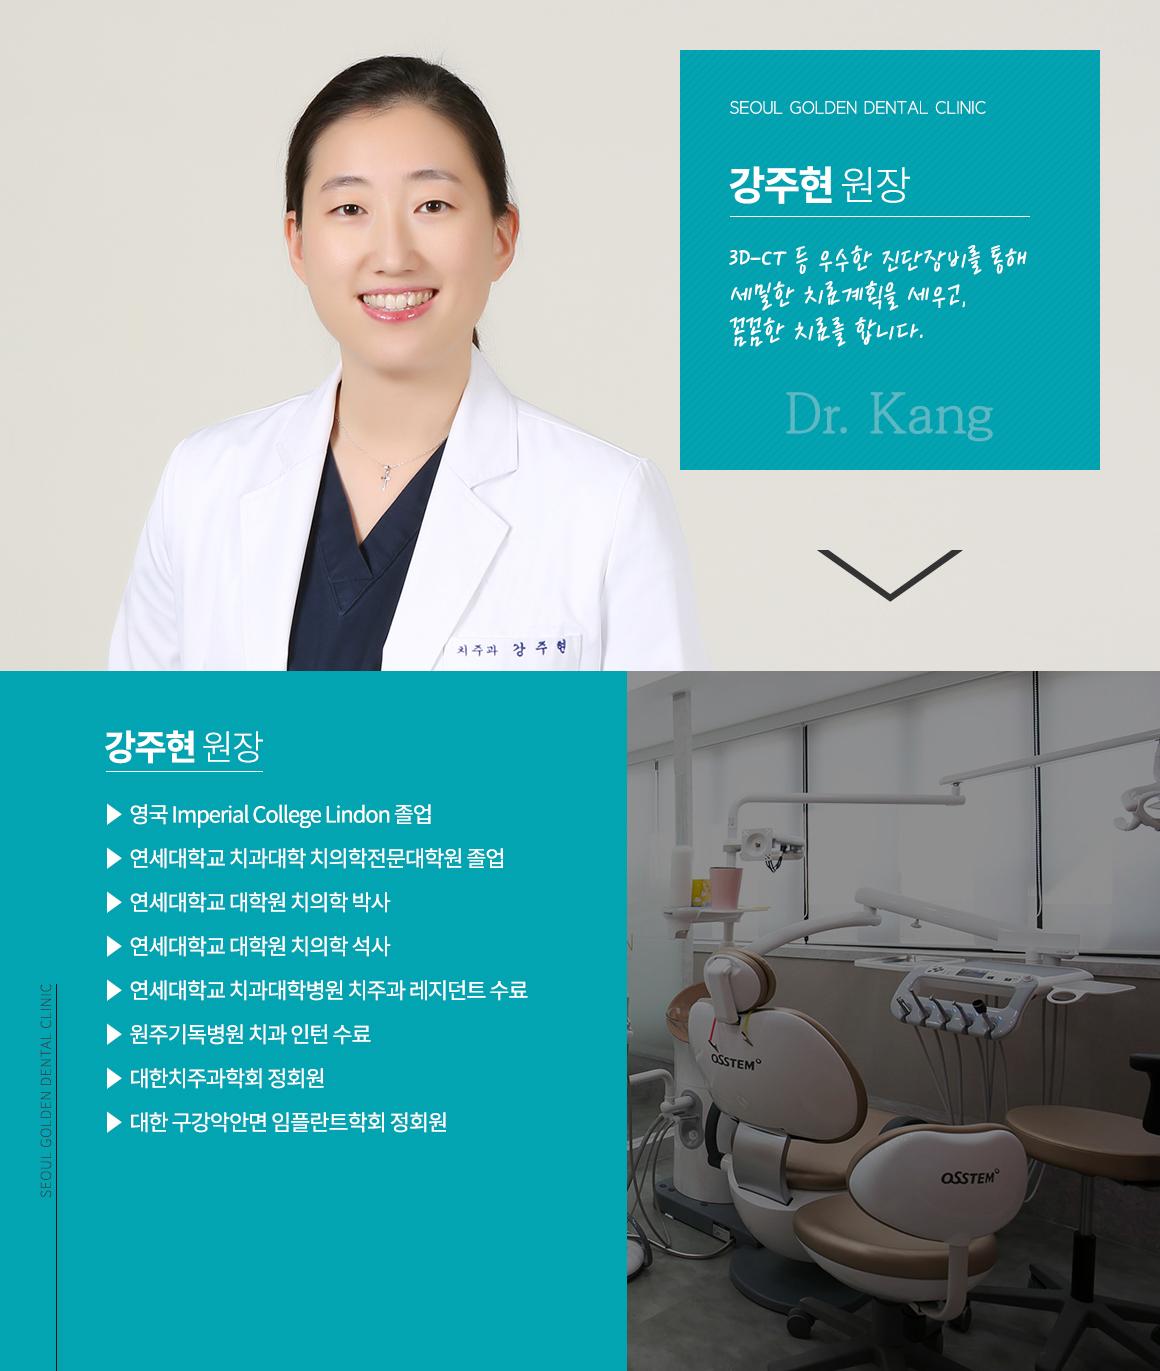 강주현 대표원장